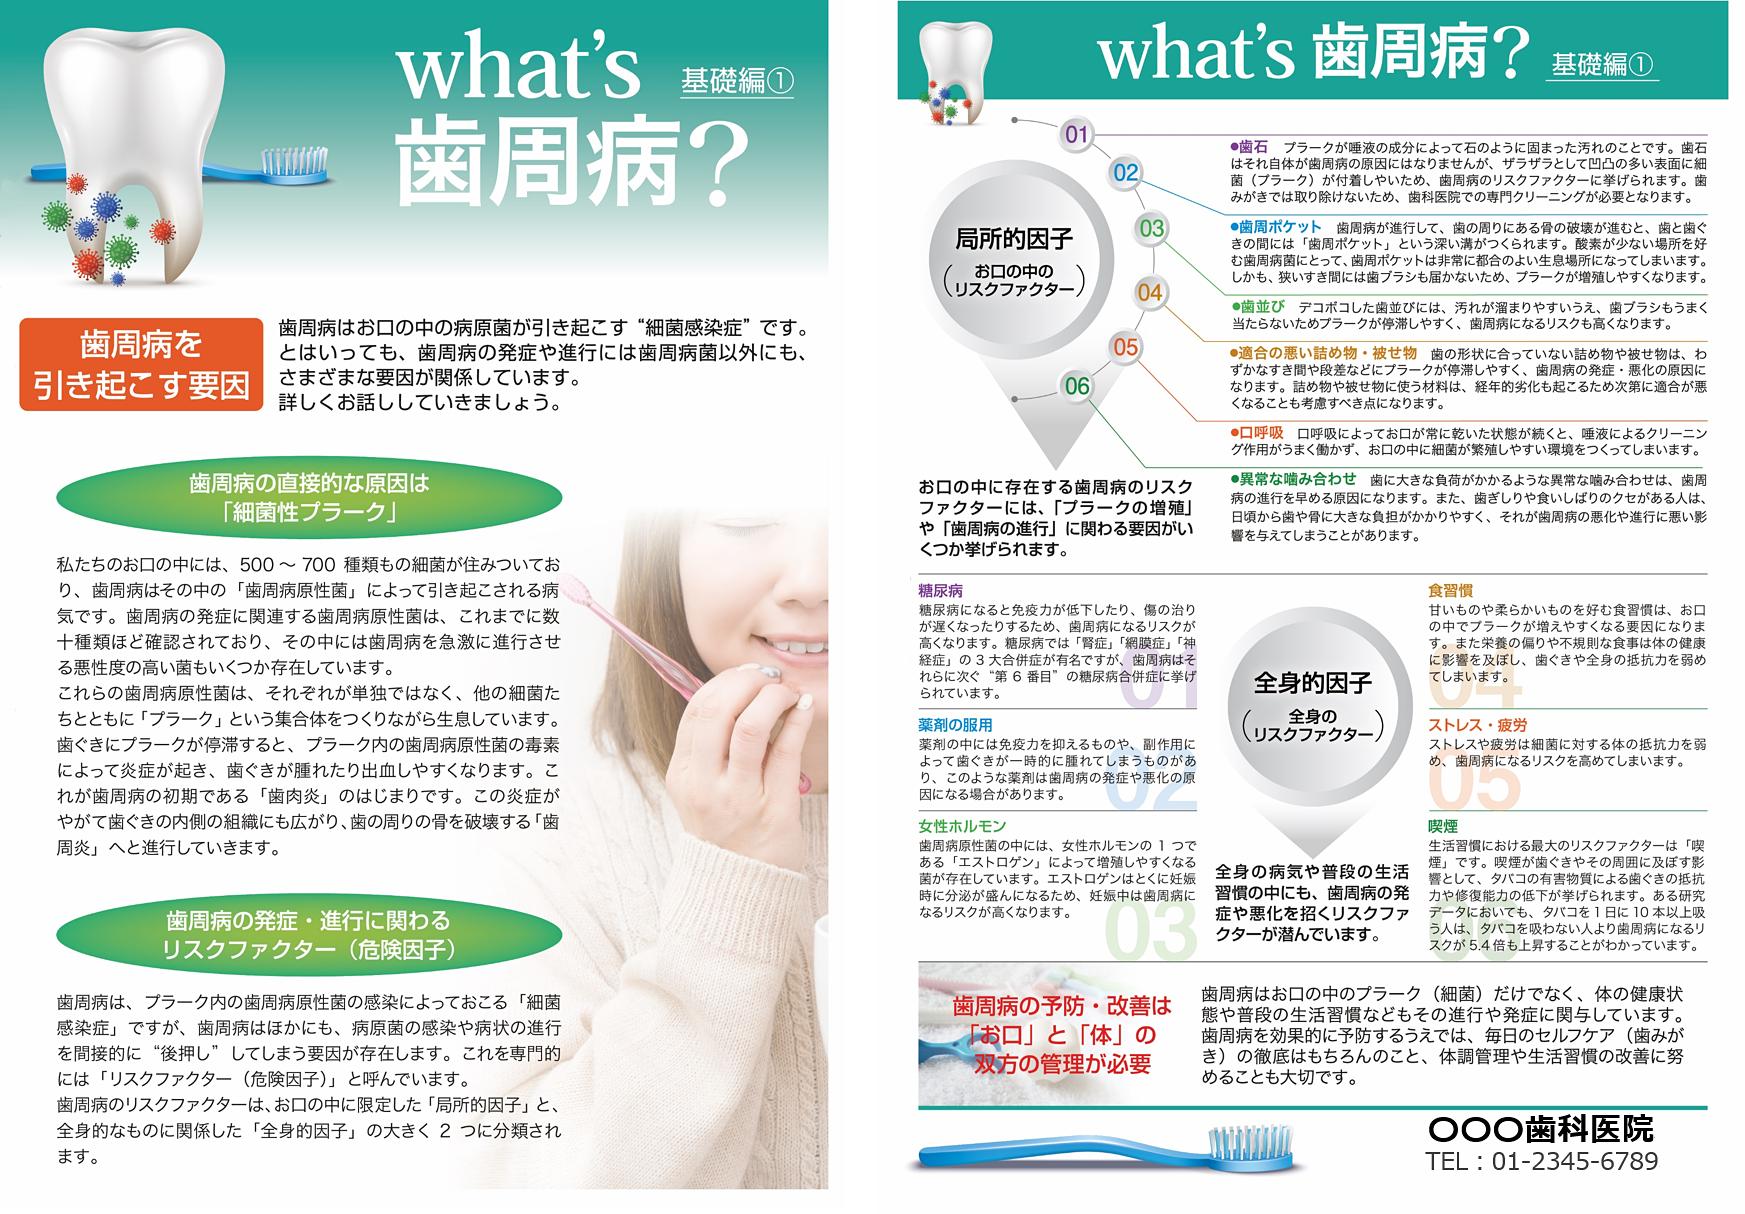 患者様に渡すだけで、歯周病への理解が深まる資料「what's歯周病?」無料進呈中